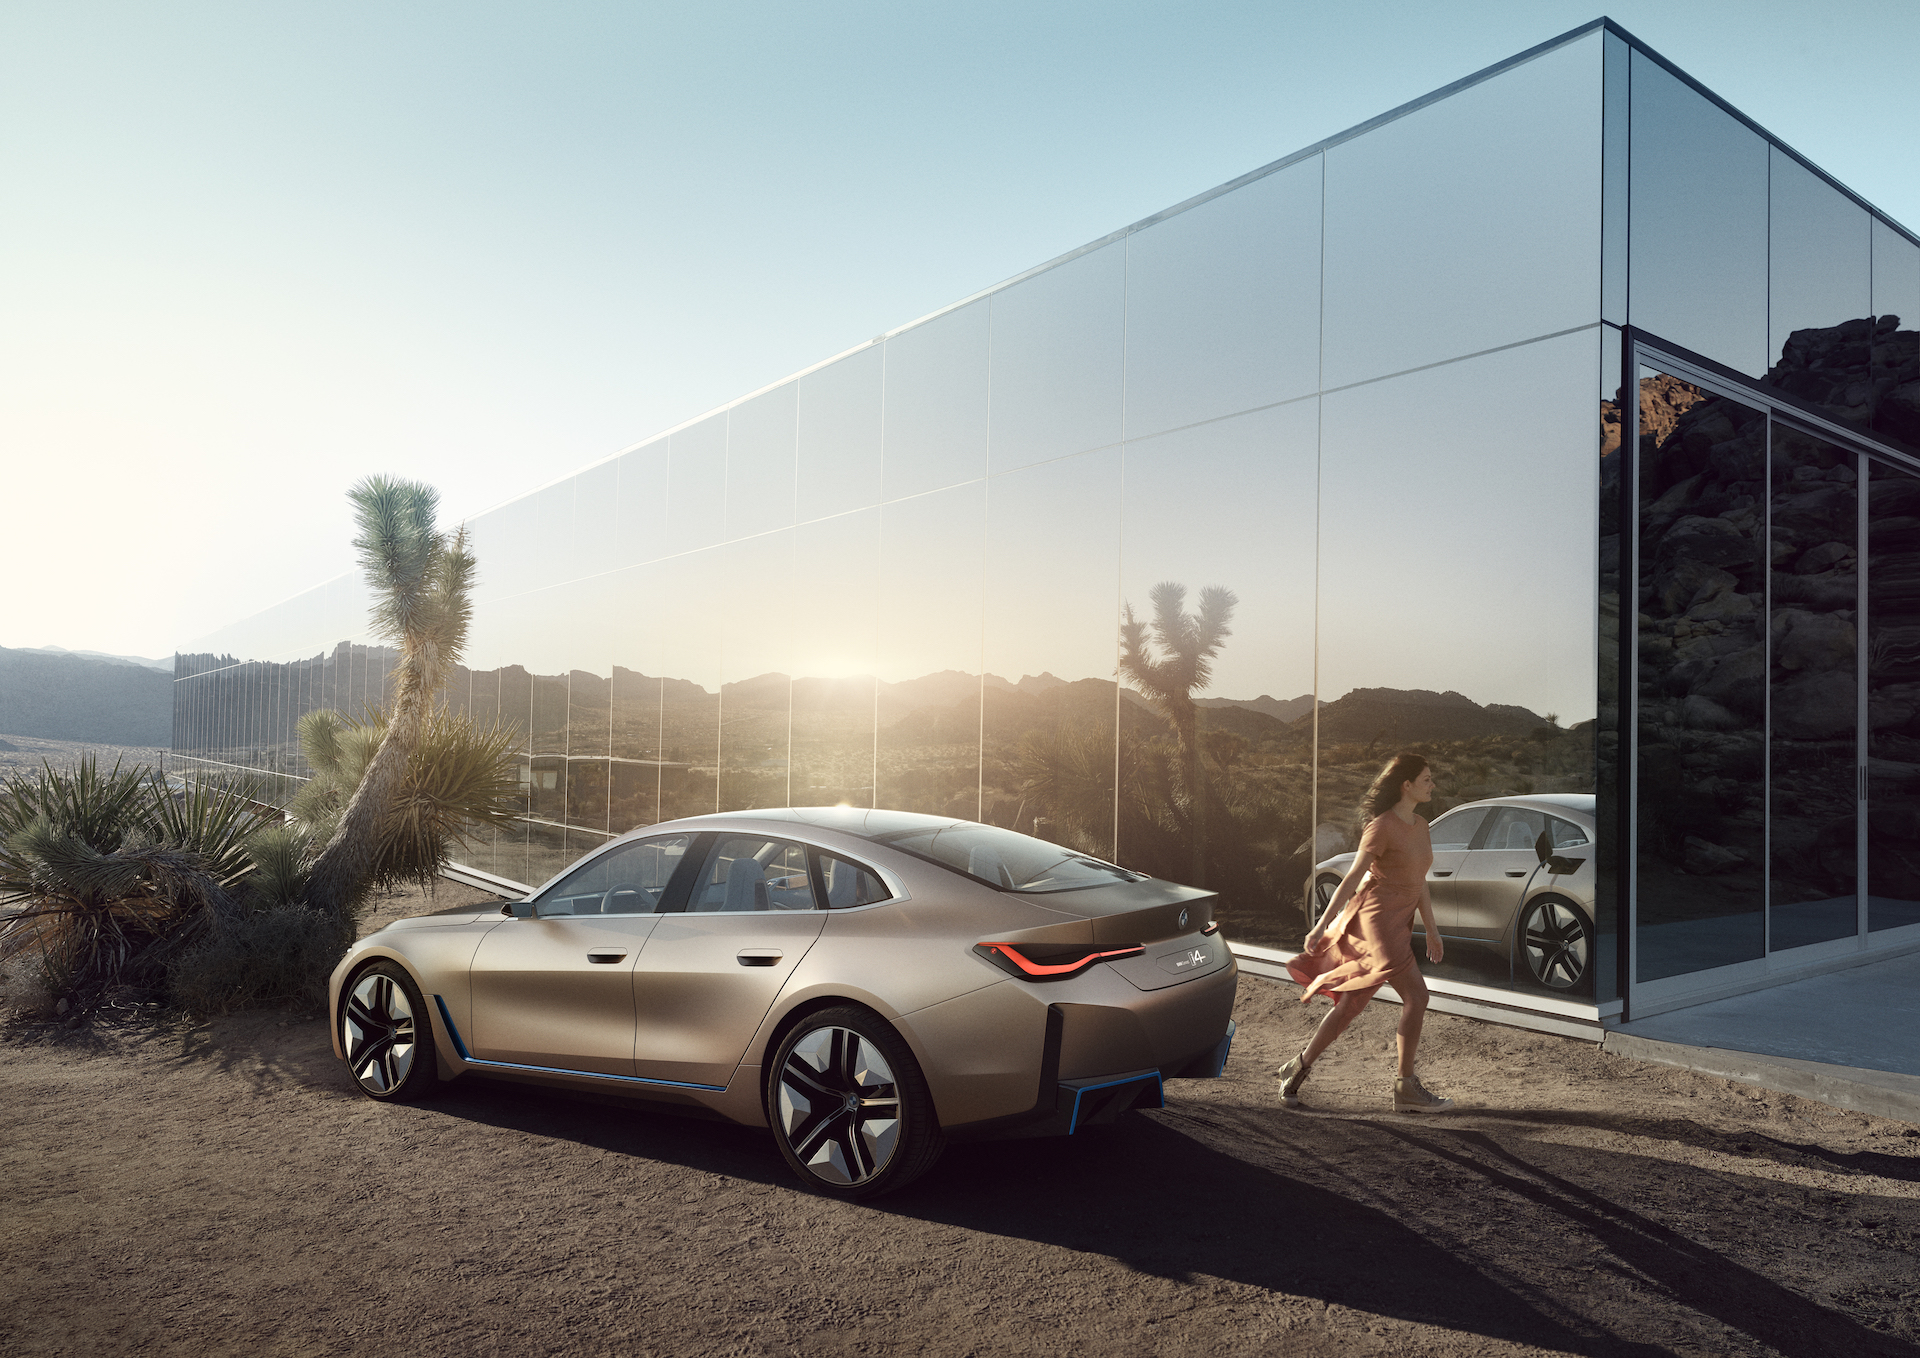 BMW stellt den neuen i4 vor: Ein Gran Coupé mit bis zu 530 PS und 600 km Reichweite 2